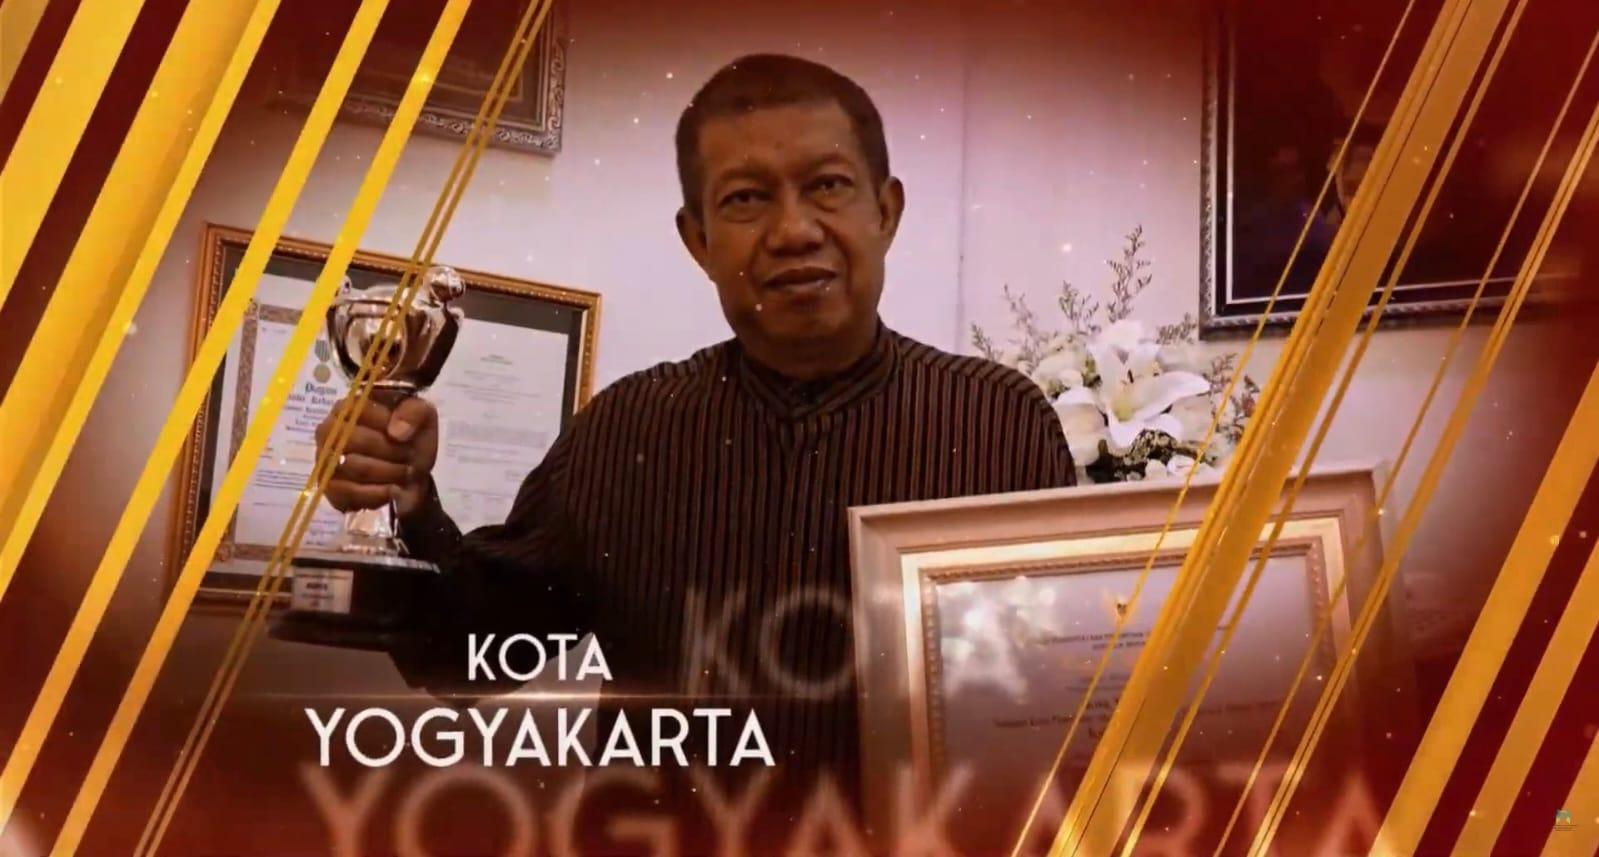 Kota Yogyakarta Raih Anugerah Parahita Ekapraya 2020